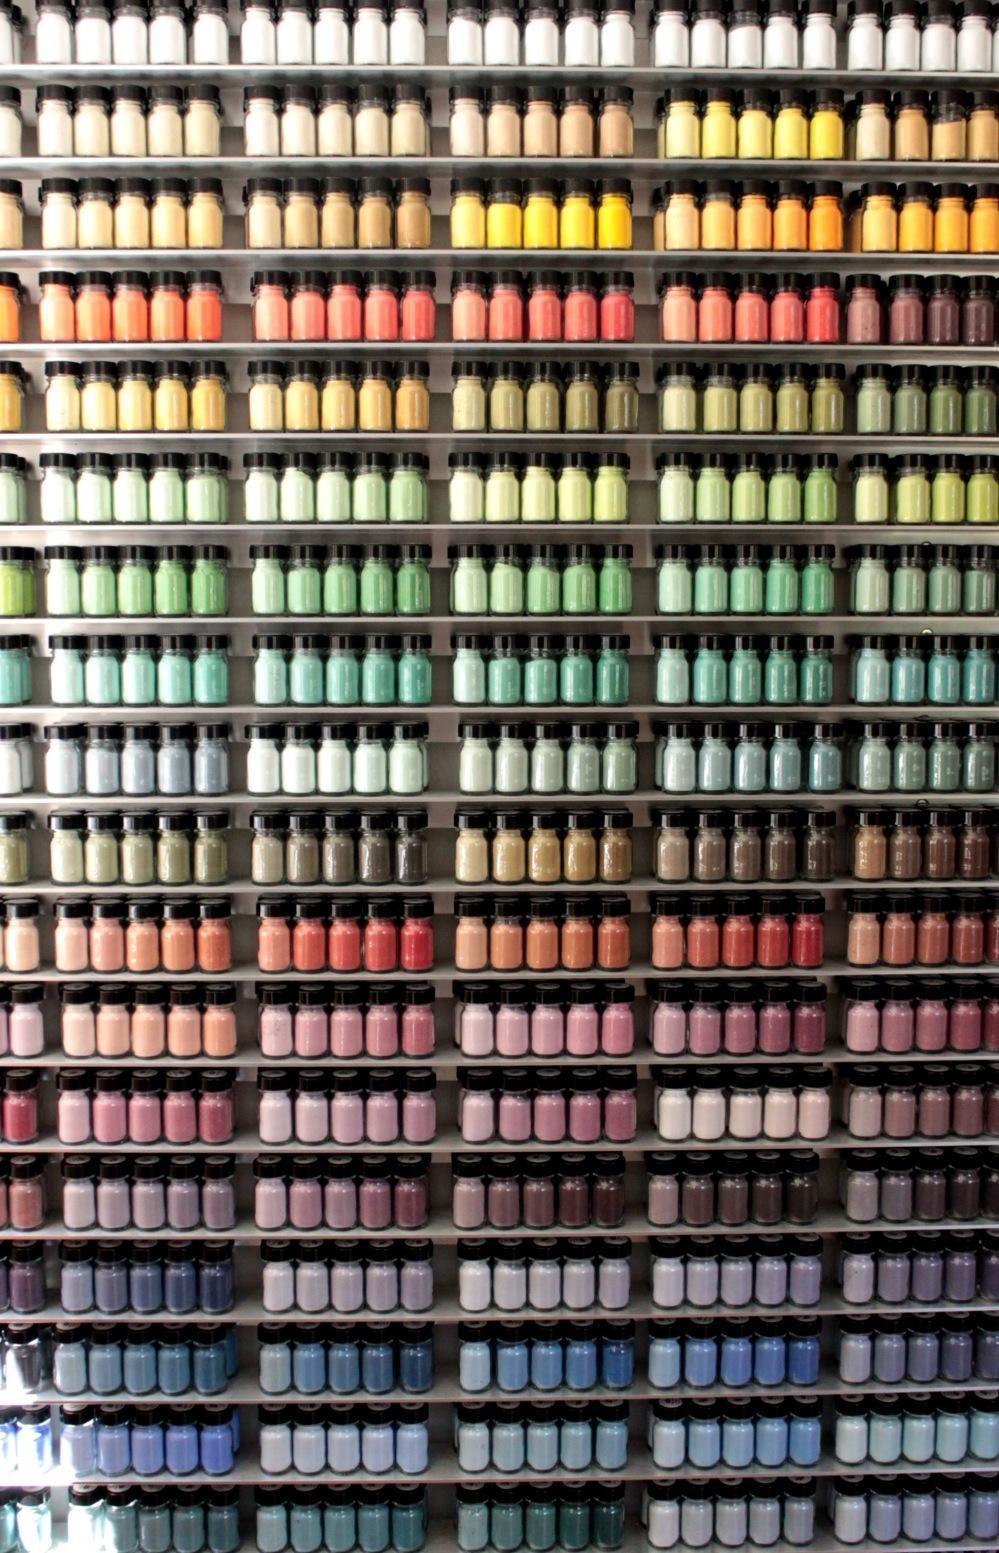 Kremer-Pigmente, Farbpigment, Tipps, Anleitung, selber machen, Diy, Vintage, Farben, Möbel gestalten, Upcycling, Redesign,